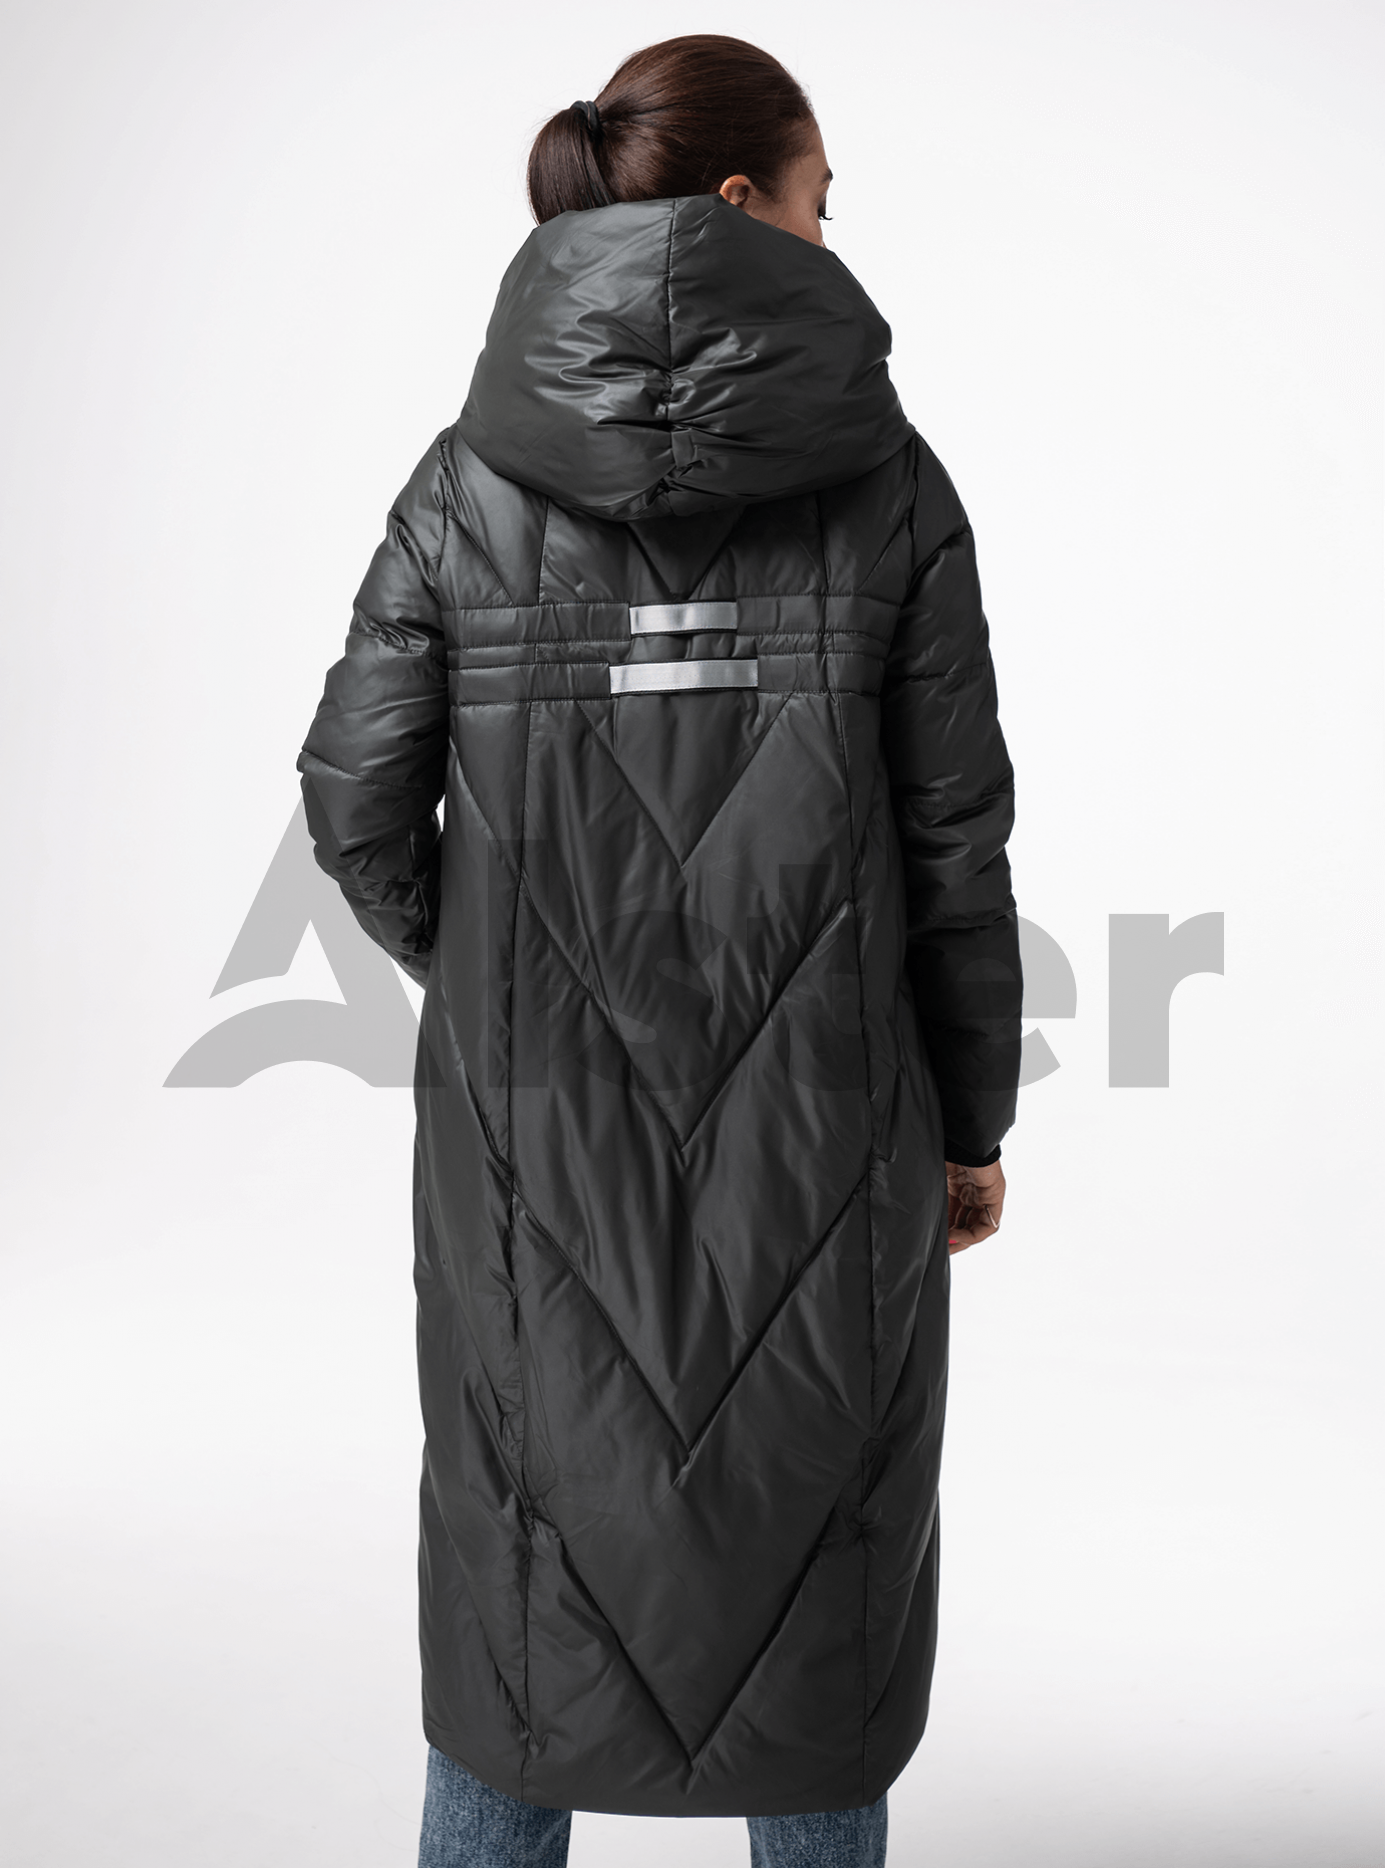 Куртка зимняя длинная прямого фасона Тёмно-серый L (05-V191182): фото - Alster.ua